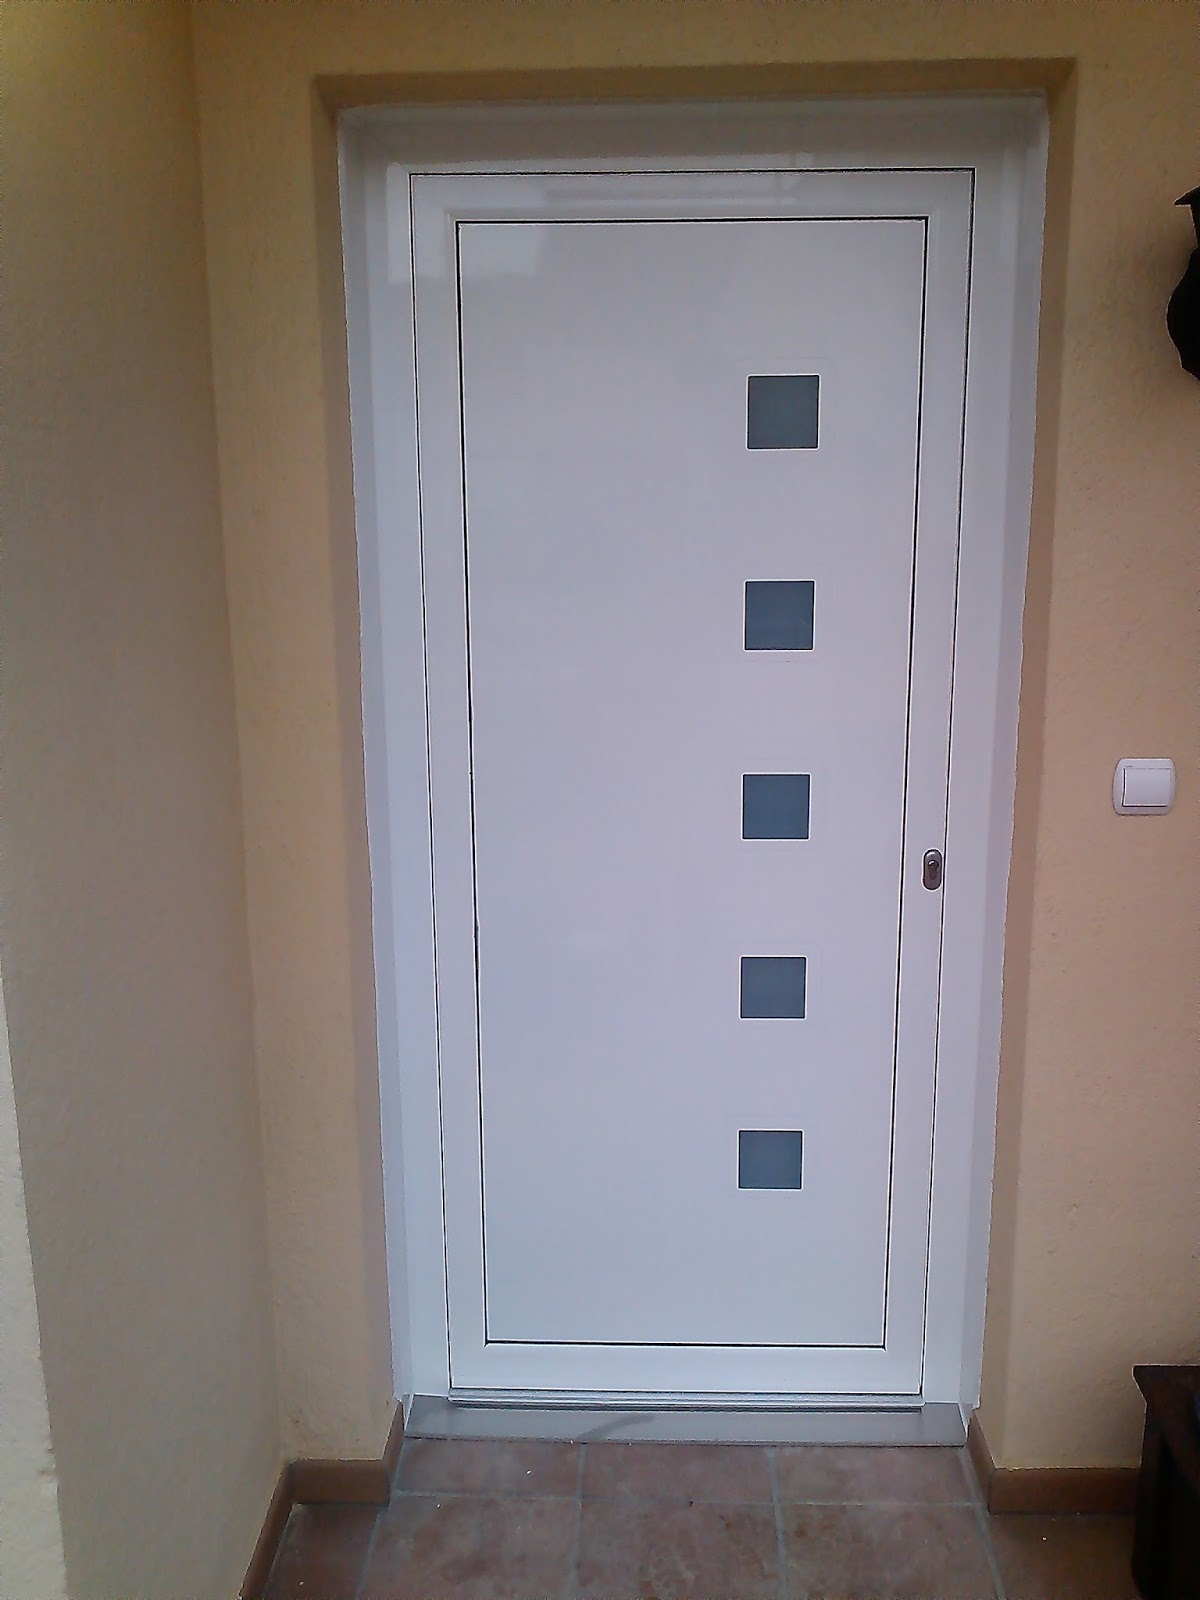 Aluminios arpo puerta de entrada en aluminio - Puertas de seguridad para casas ...